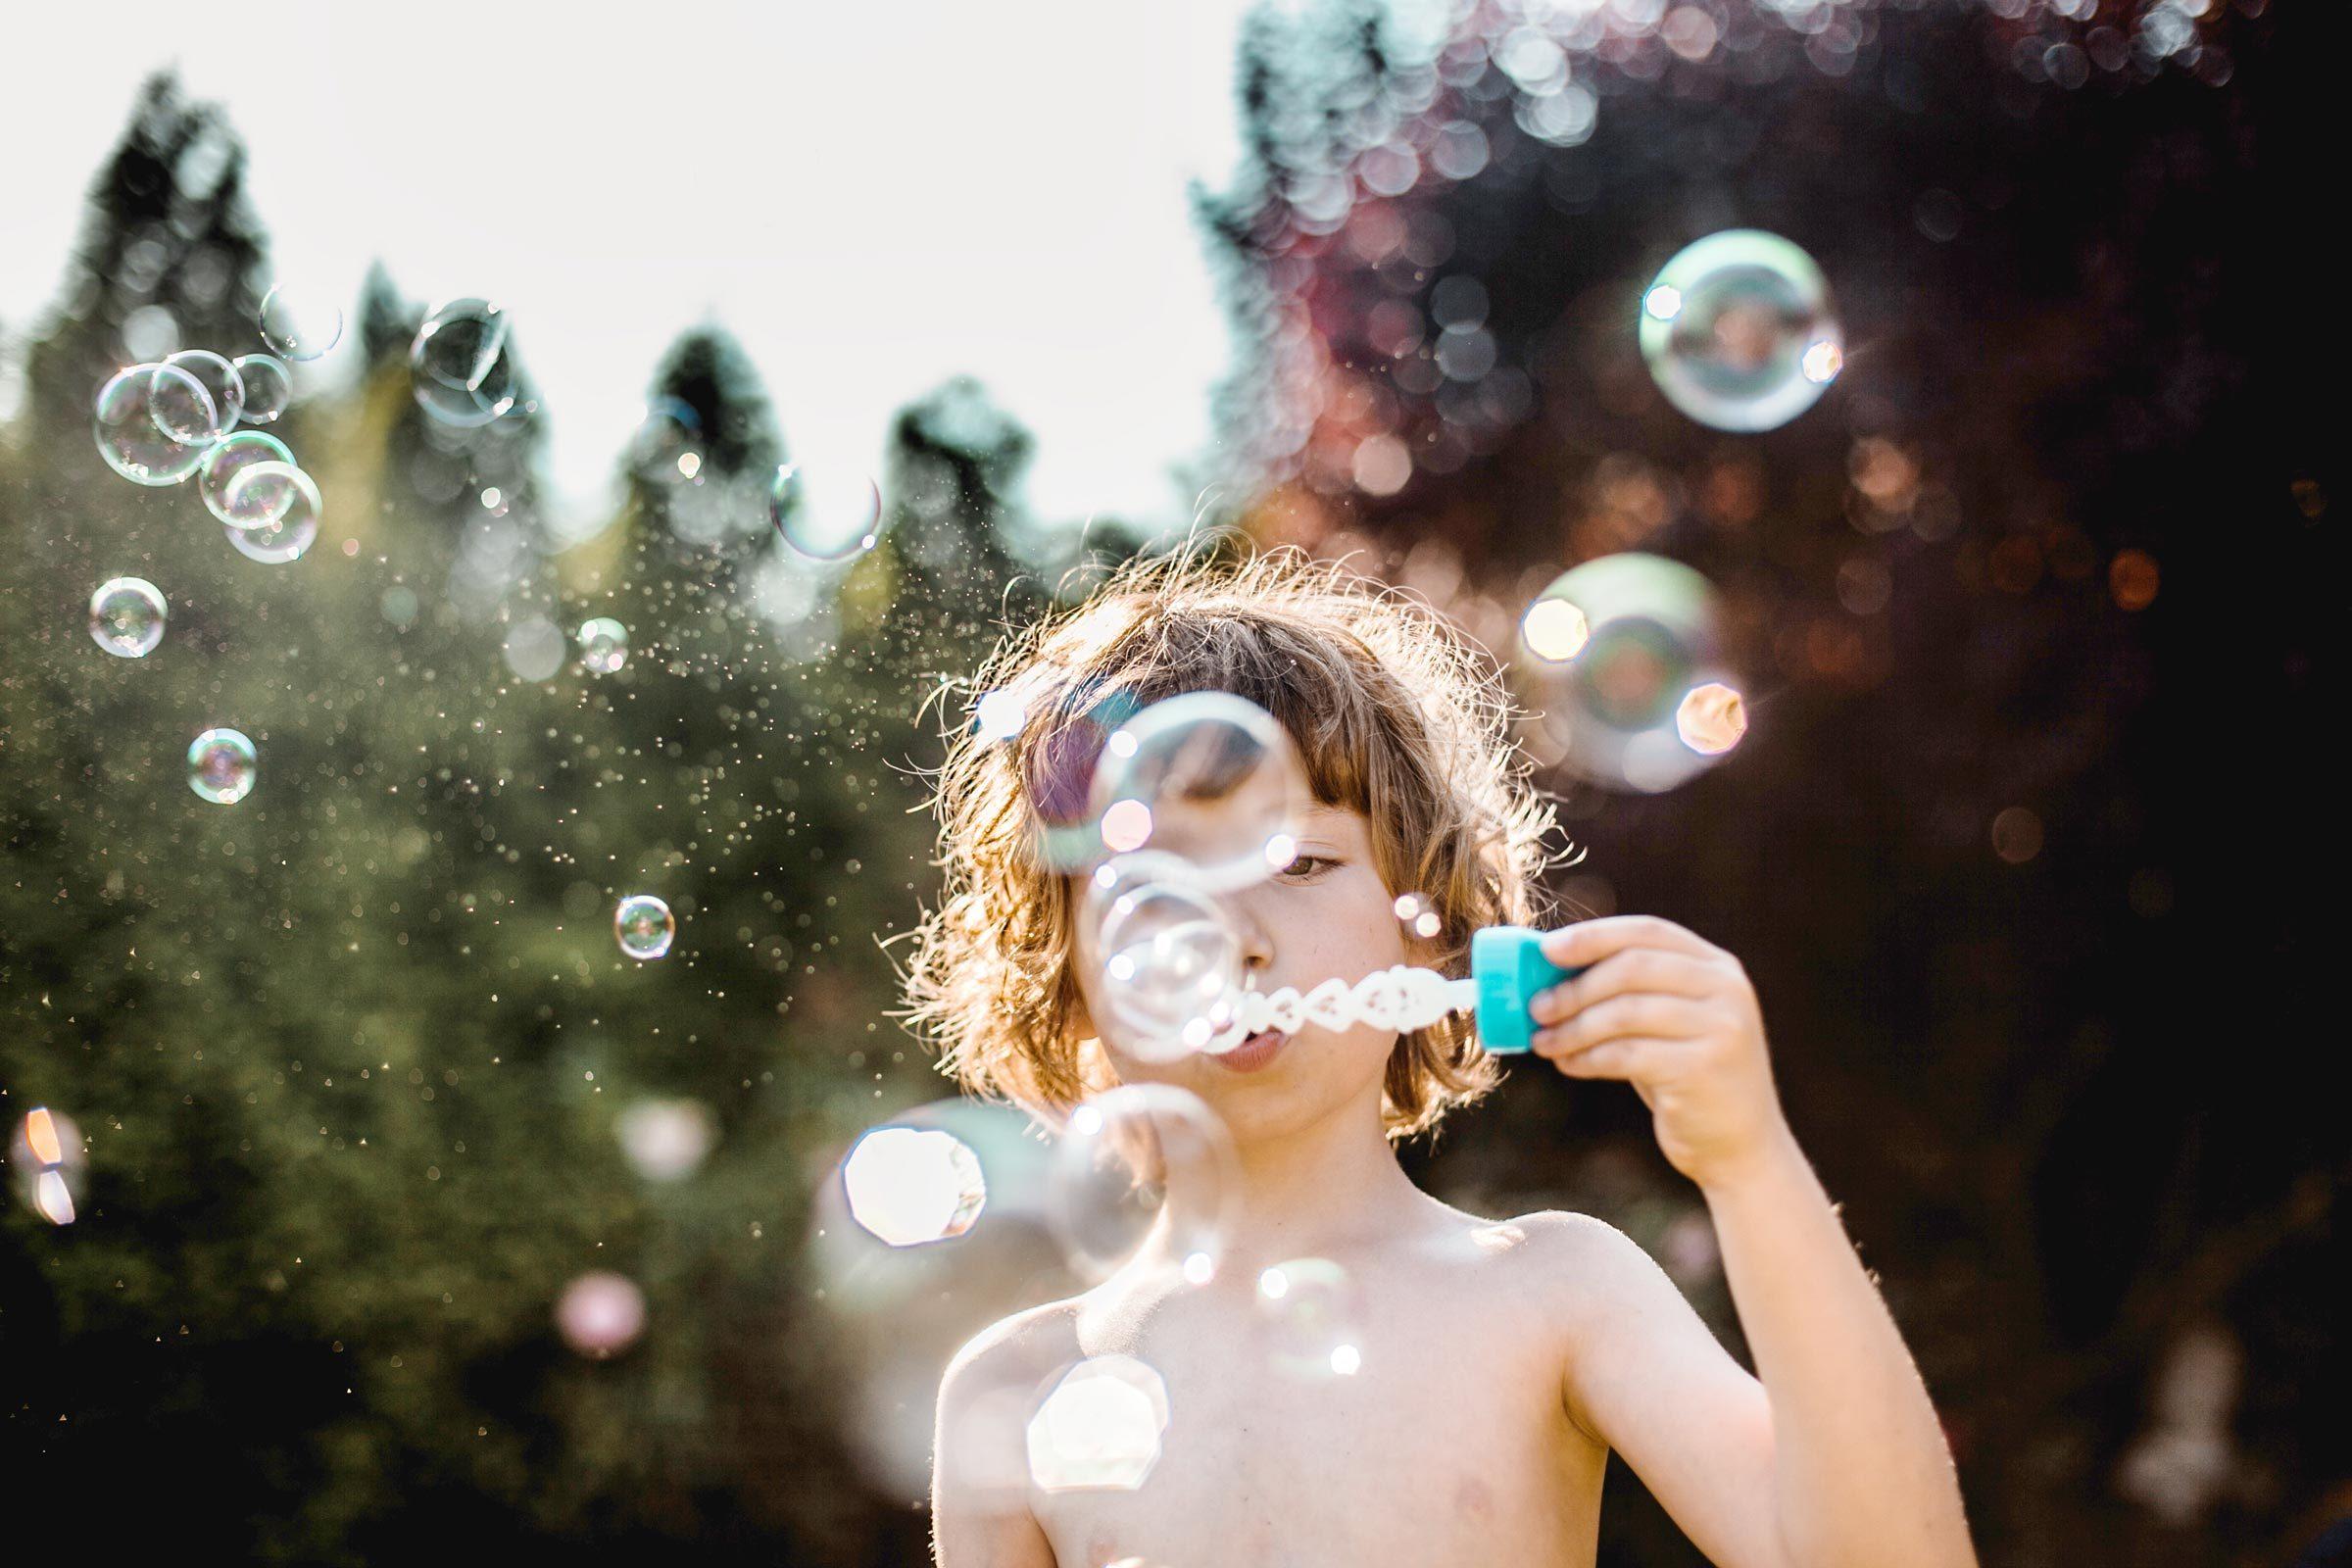 Boy making bubbles